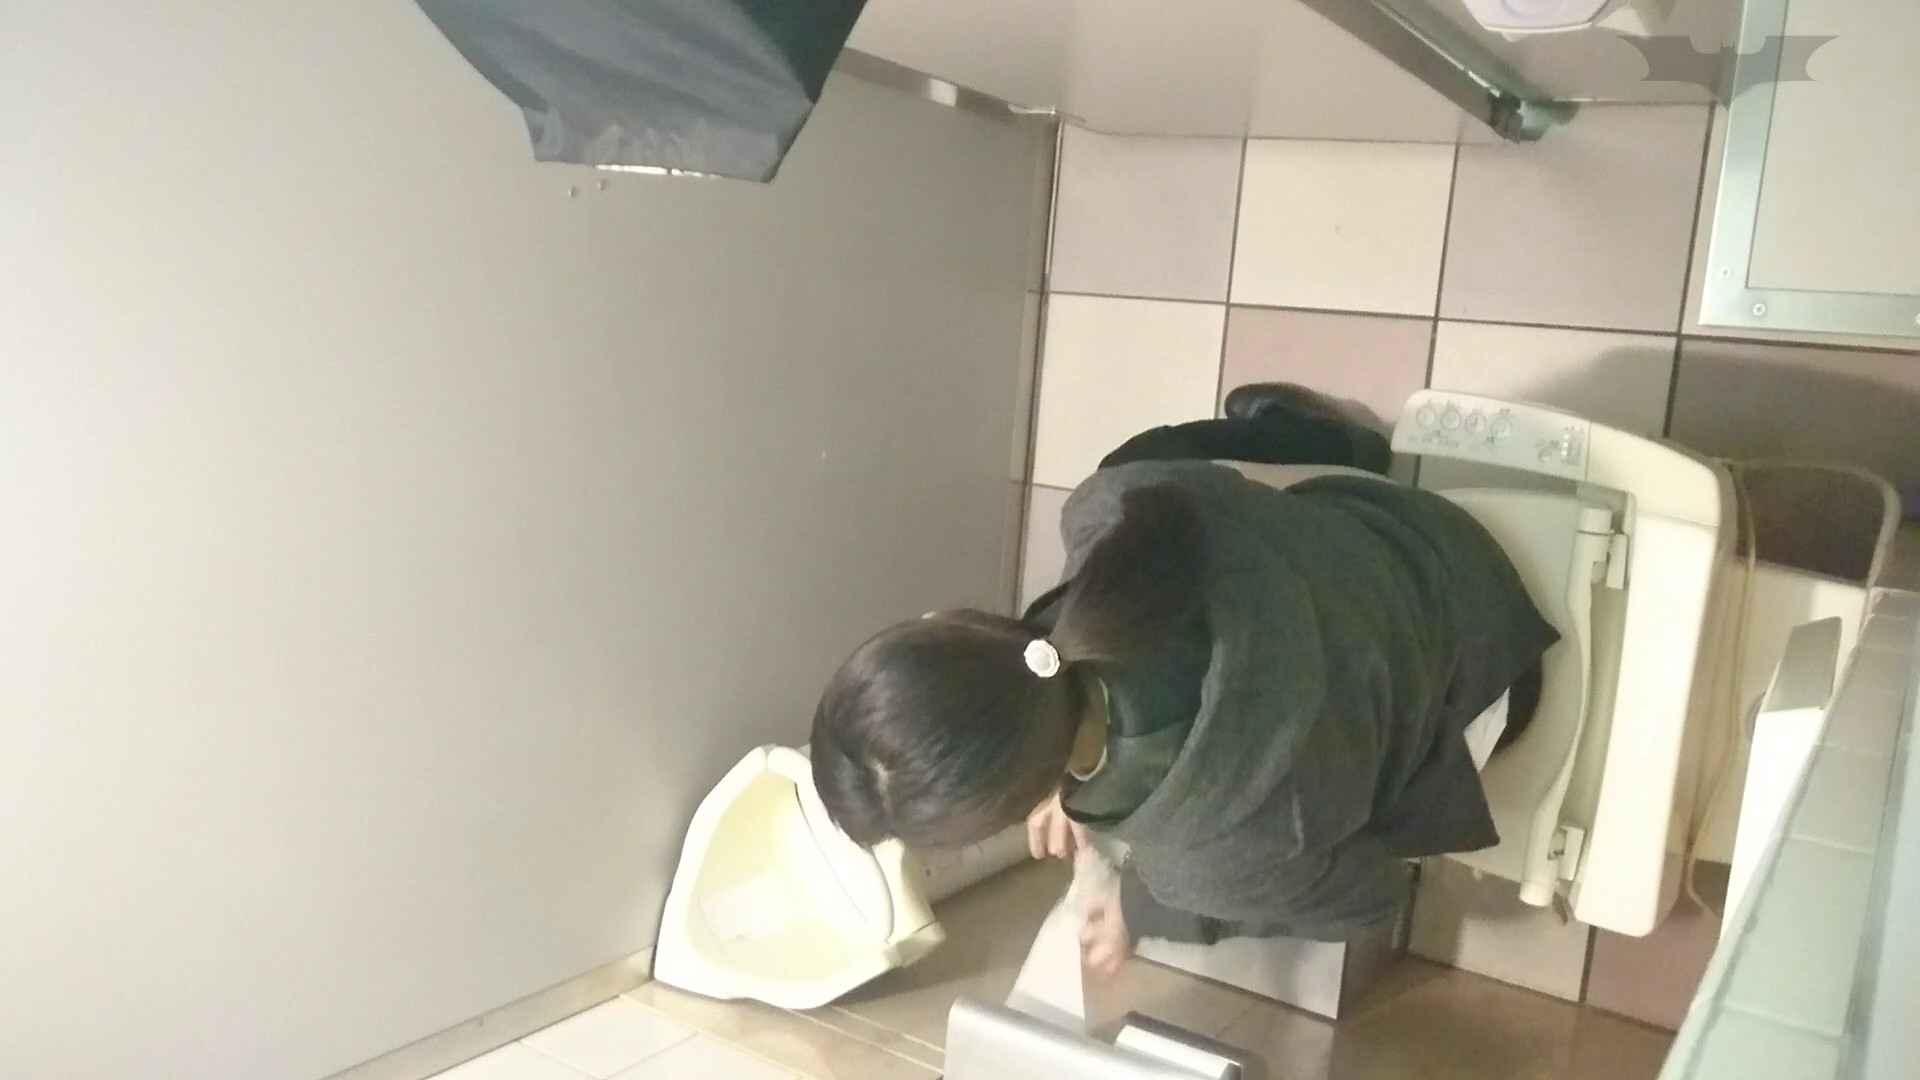 化粧室絵巻 ショッピングモール編 VOL.08 0   エロいOL  26枚